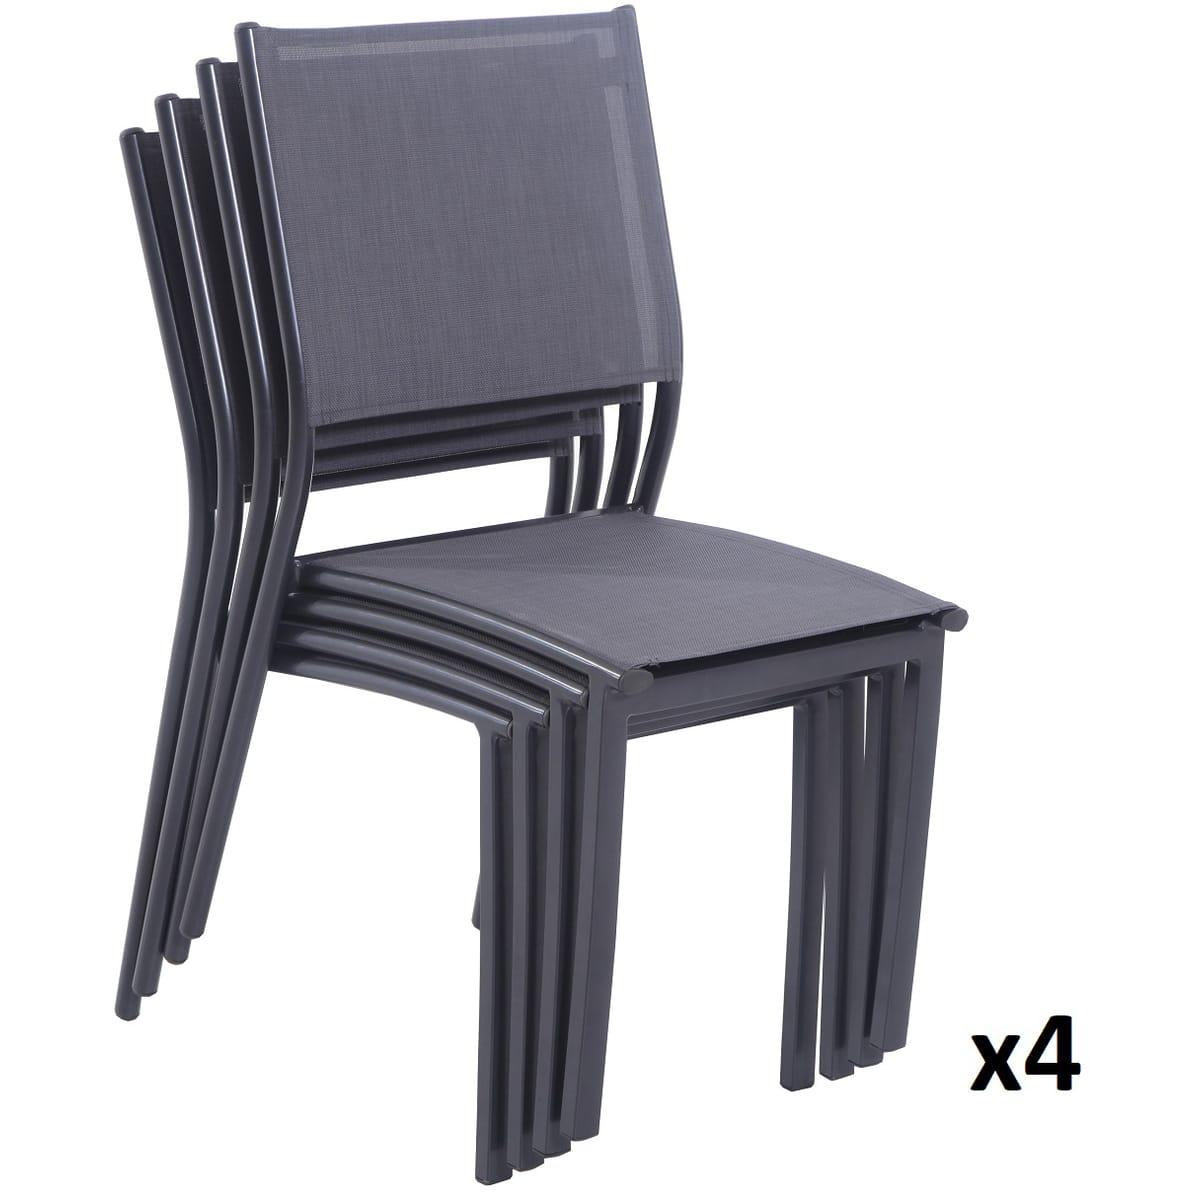 Creador Lot De 4 Chaises Empilables Textilène Gris Anthracite Clara tout Chaise De Jardin Auchan